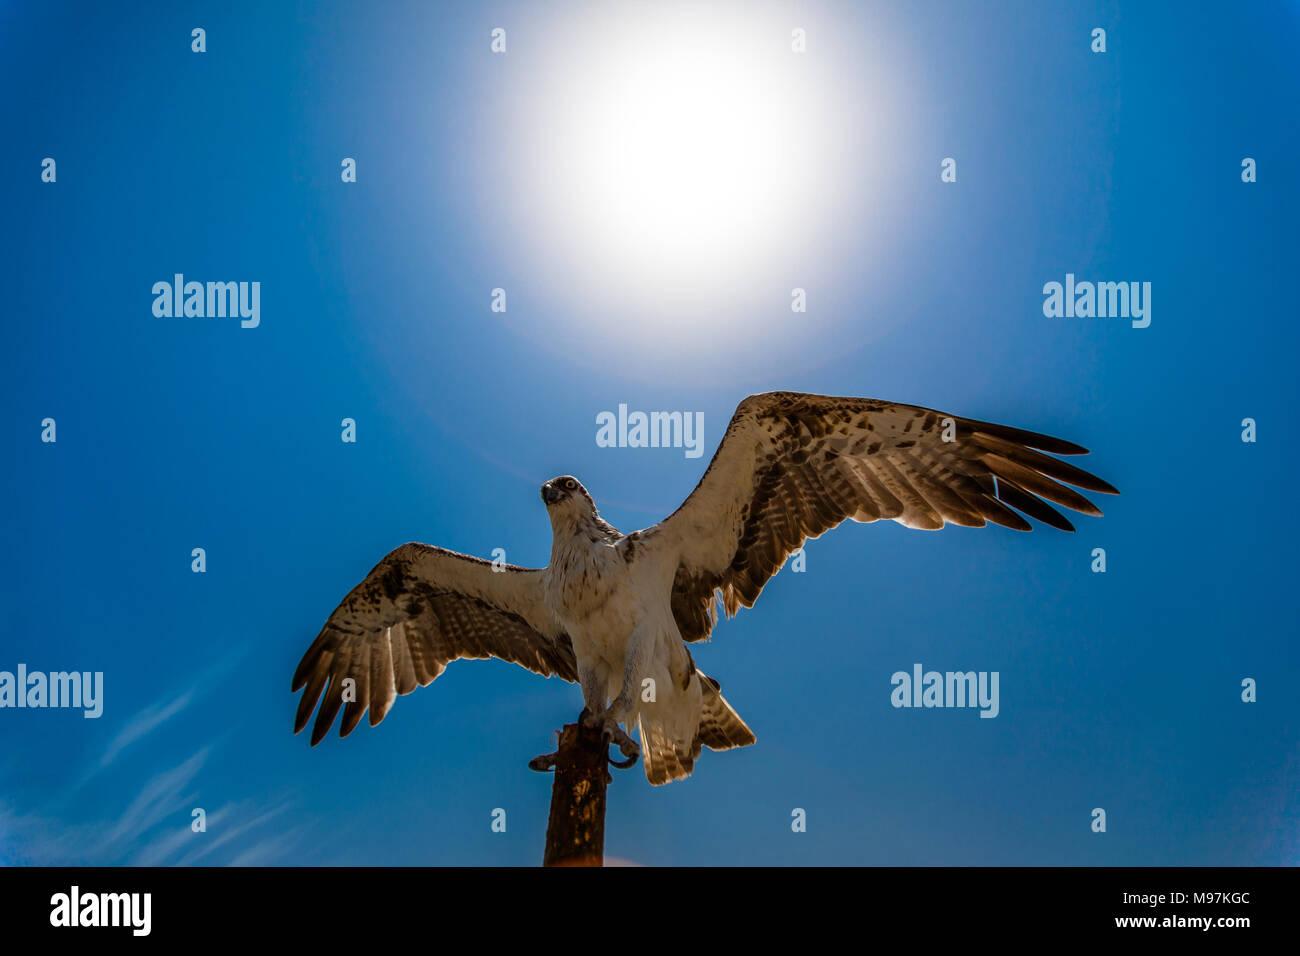 Eine osprey Adler saß auf Zaunpfosten breitet seine Flügel Flug zu nehmen. Stockbild